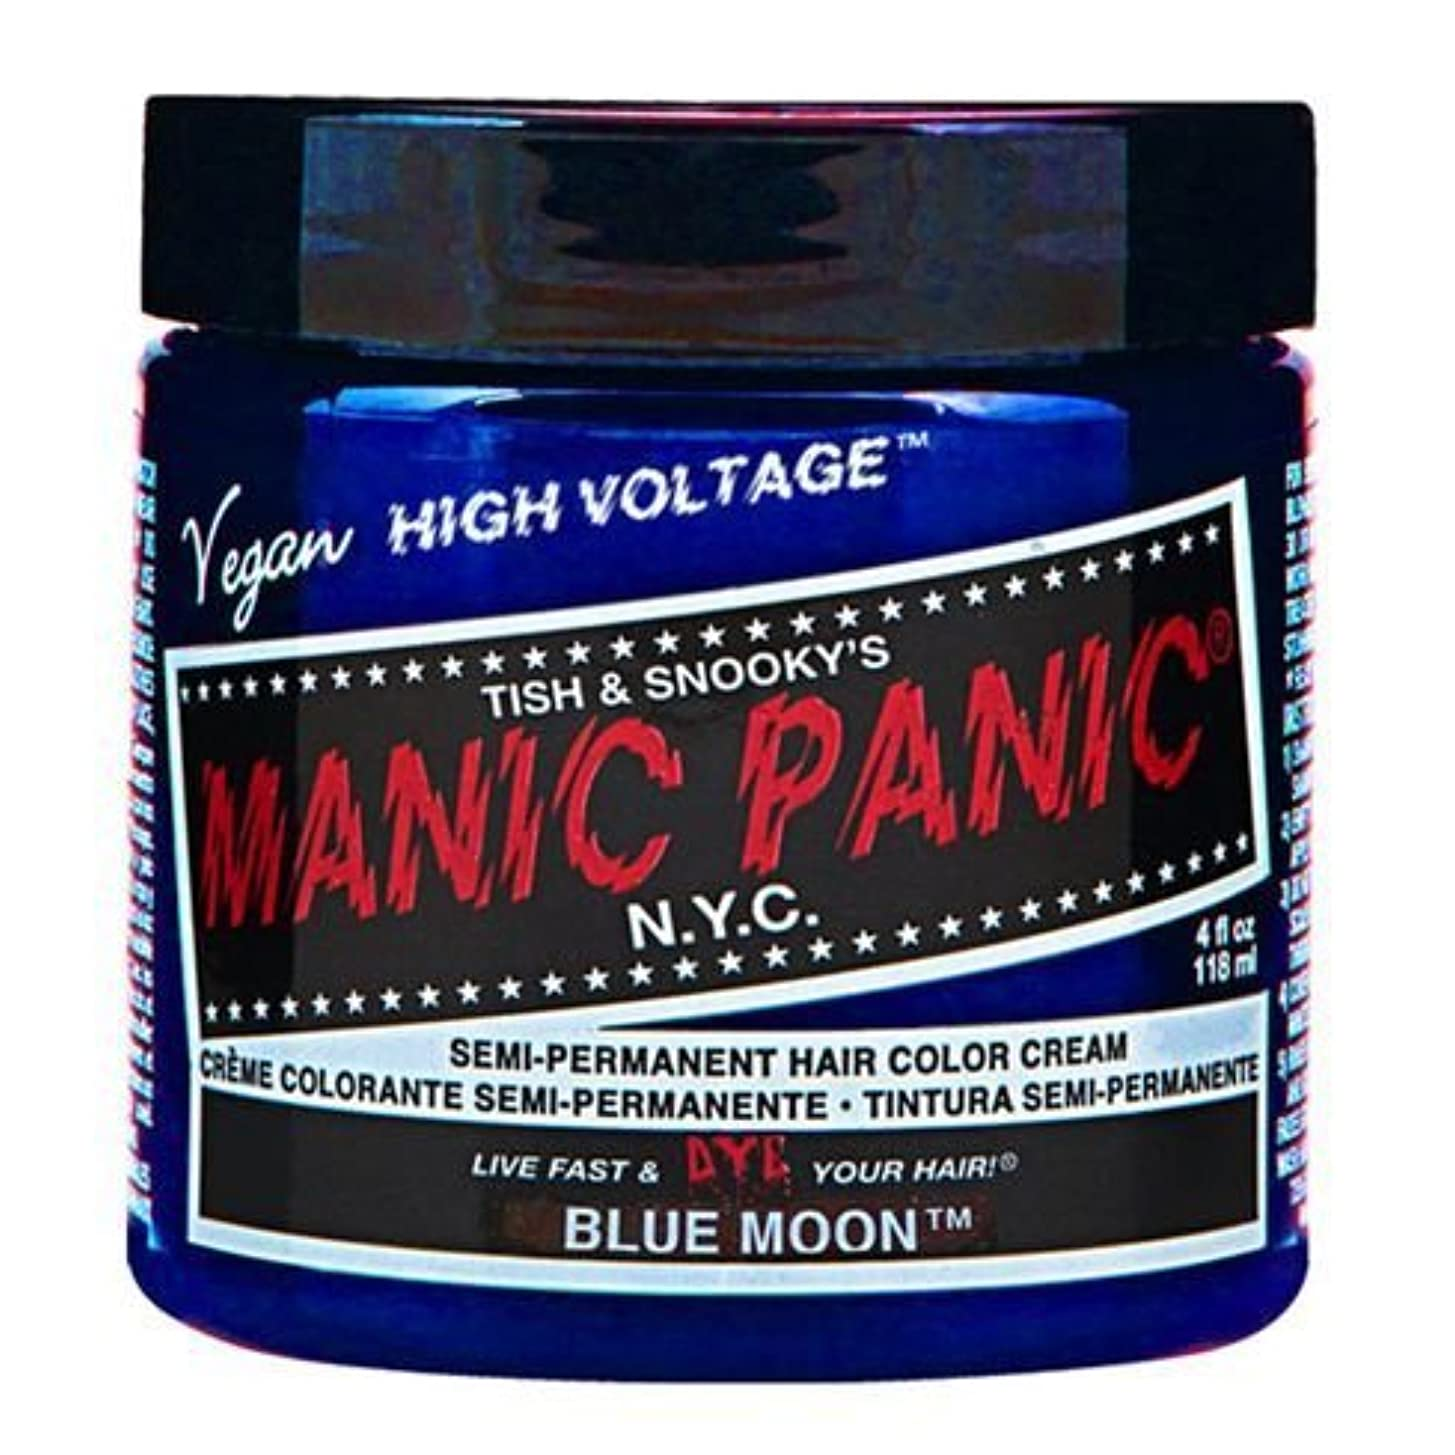 スポーツマン燃料手足スペシャルセットMANIC PANICマニックパニック:Blue Moon (ブルームーン)+ヘアカラーケア4点セット